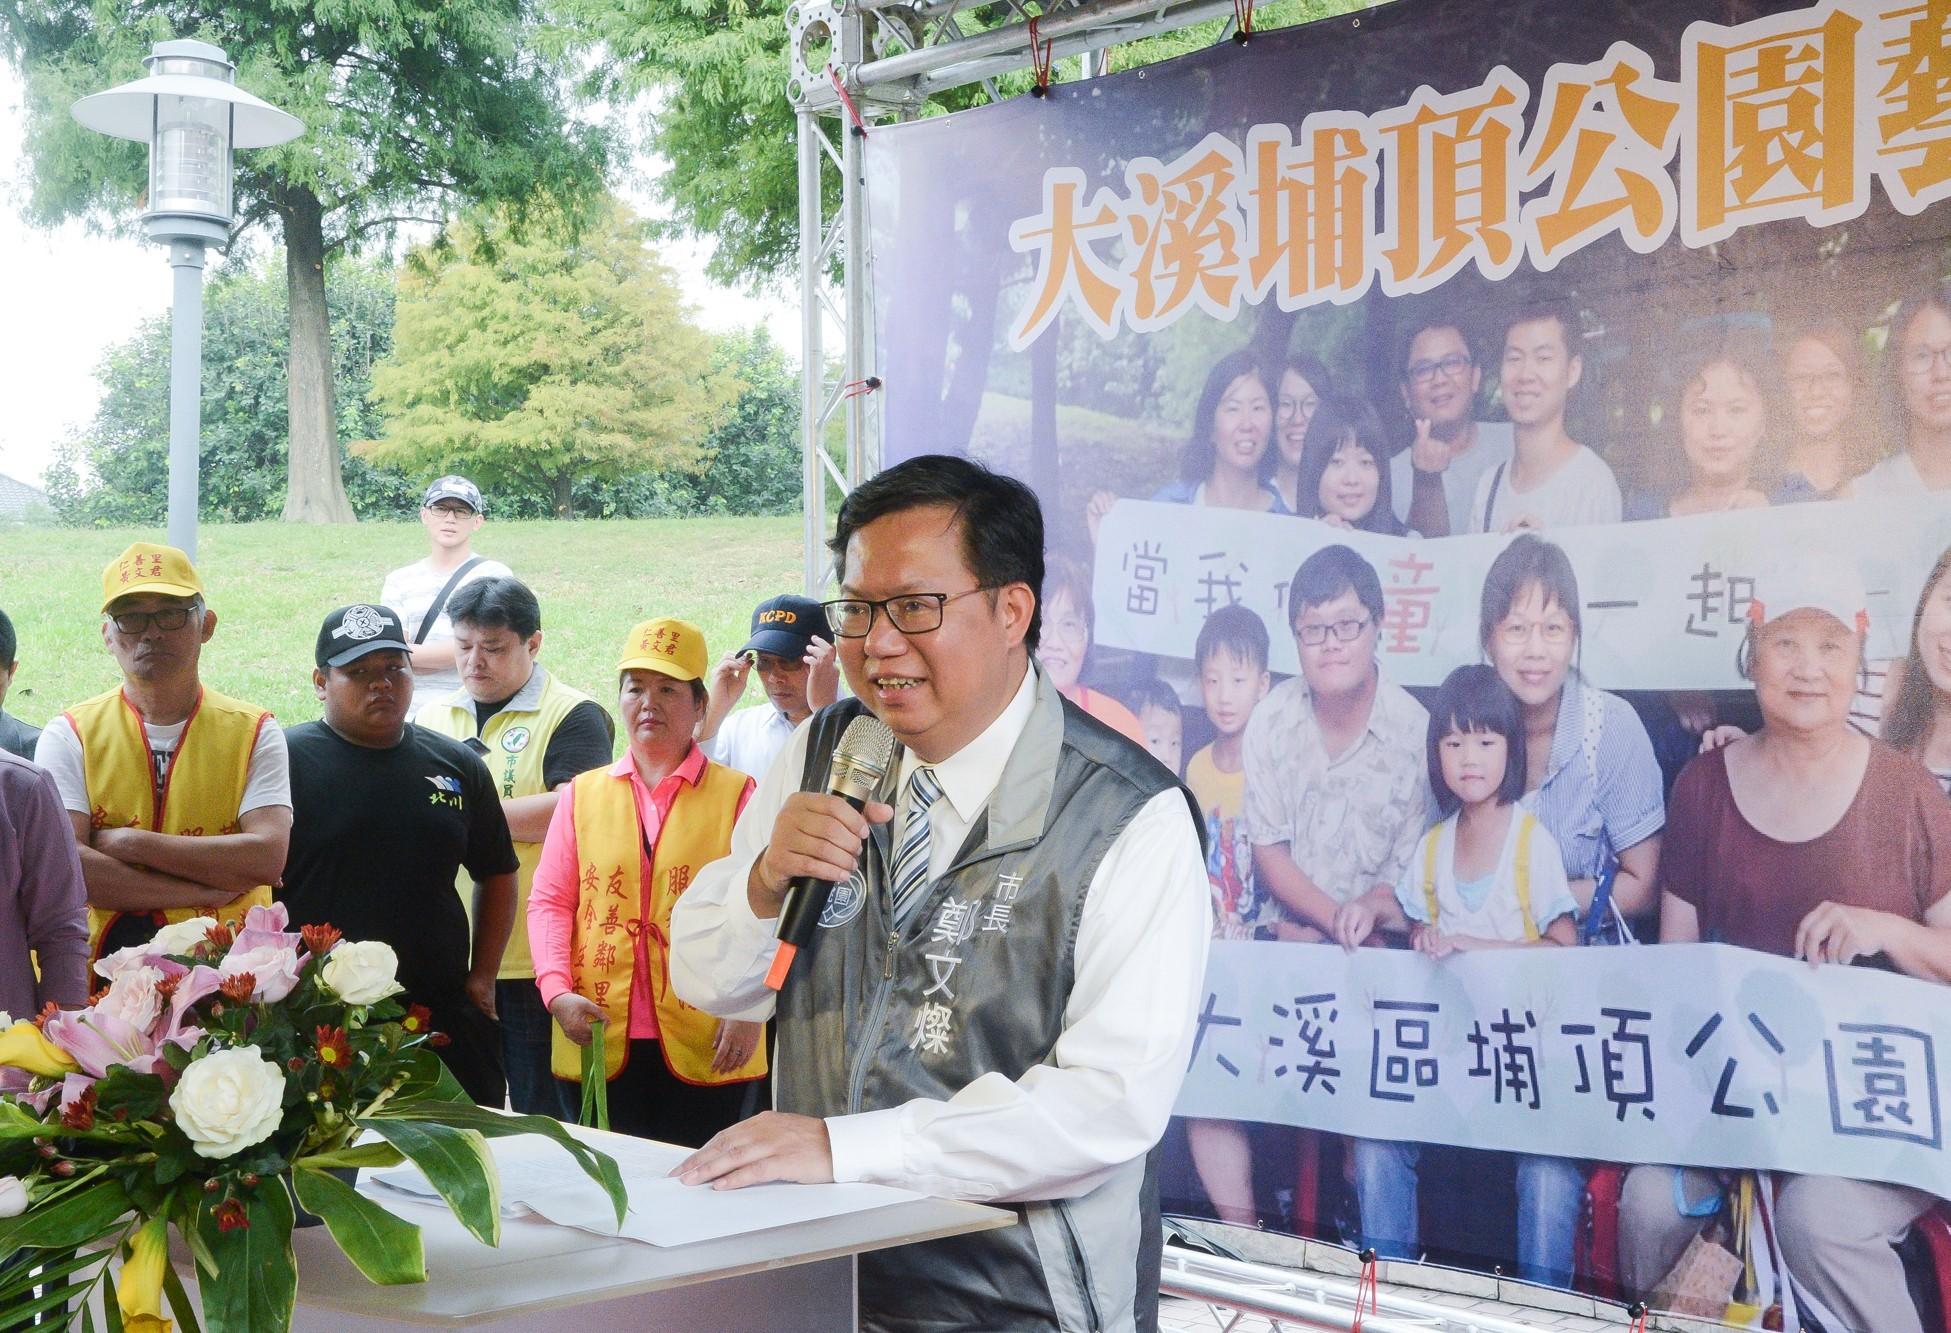 市長致詞表示,改善埔頂公園設施,讓居民更方便使用